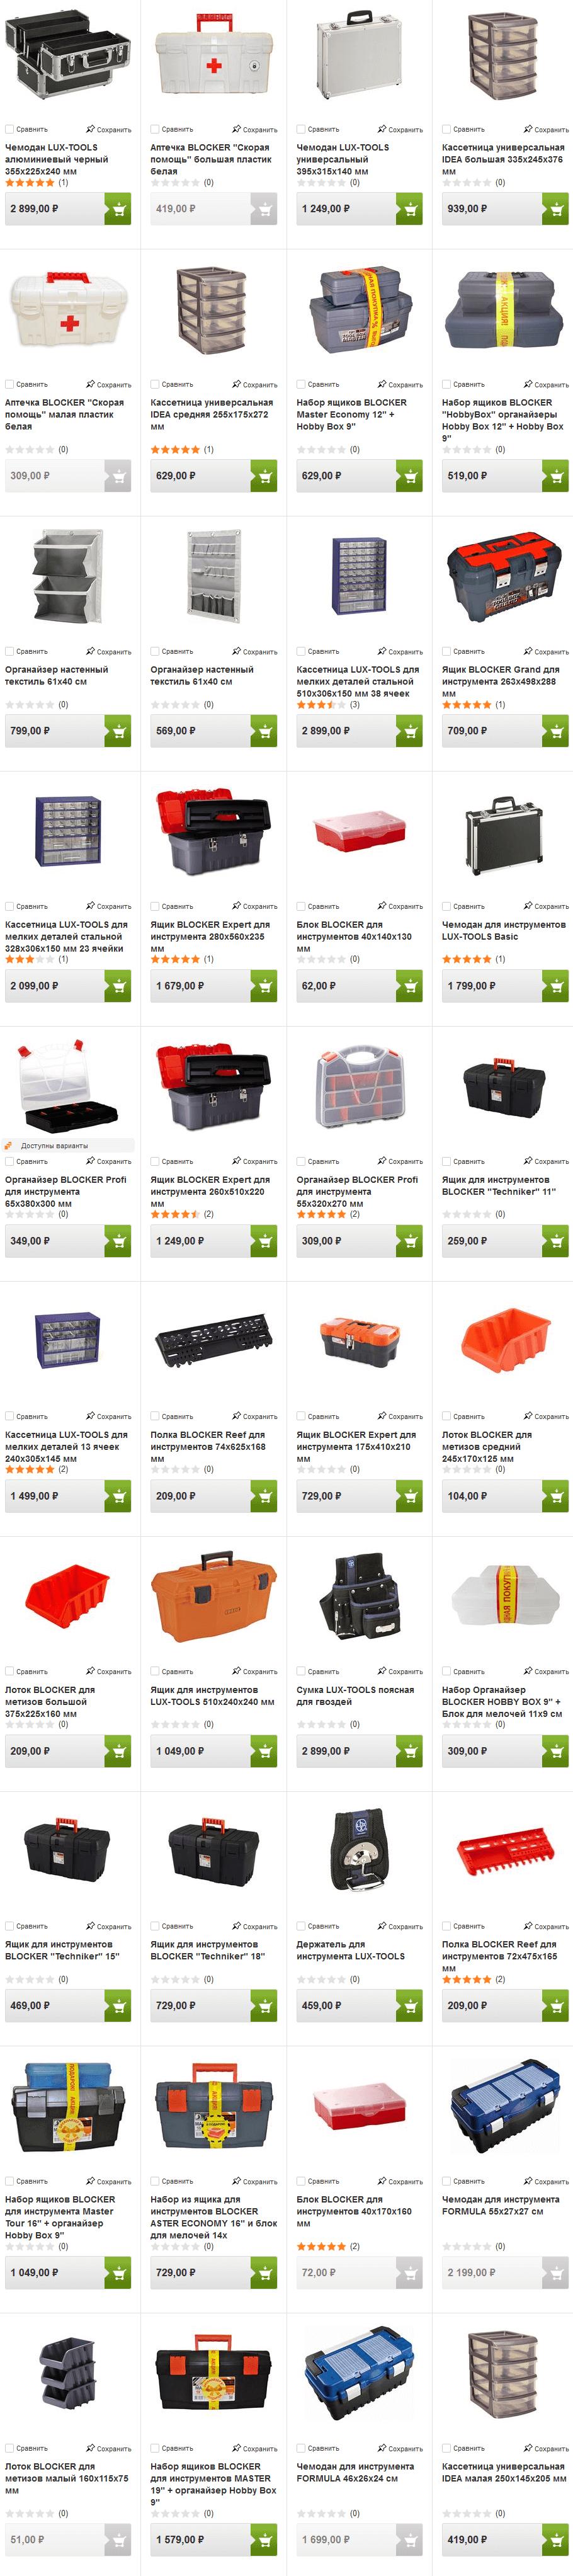 Ящики для инструментов и органайзеры